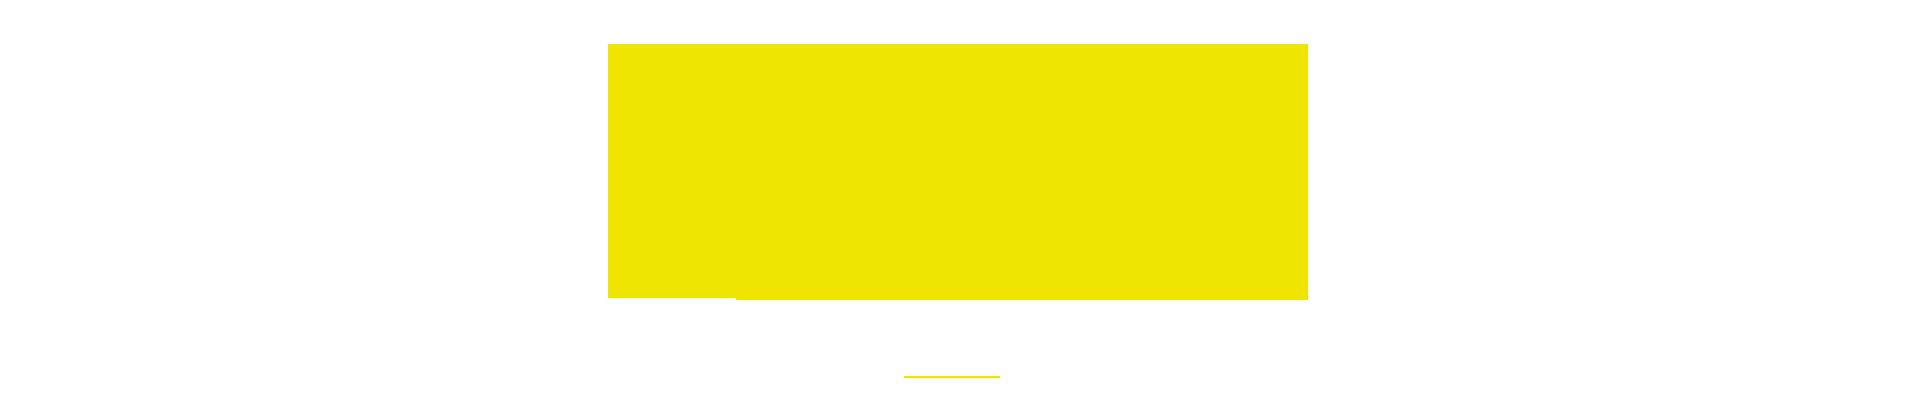 06_taxa